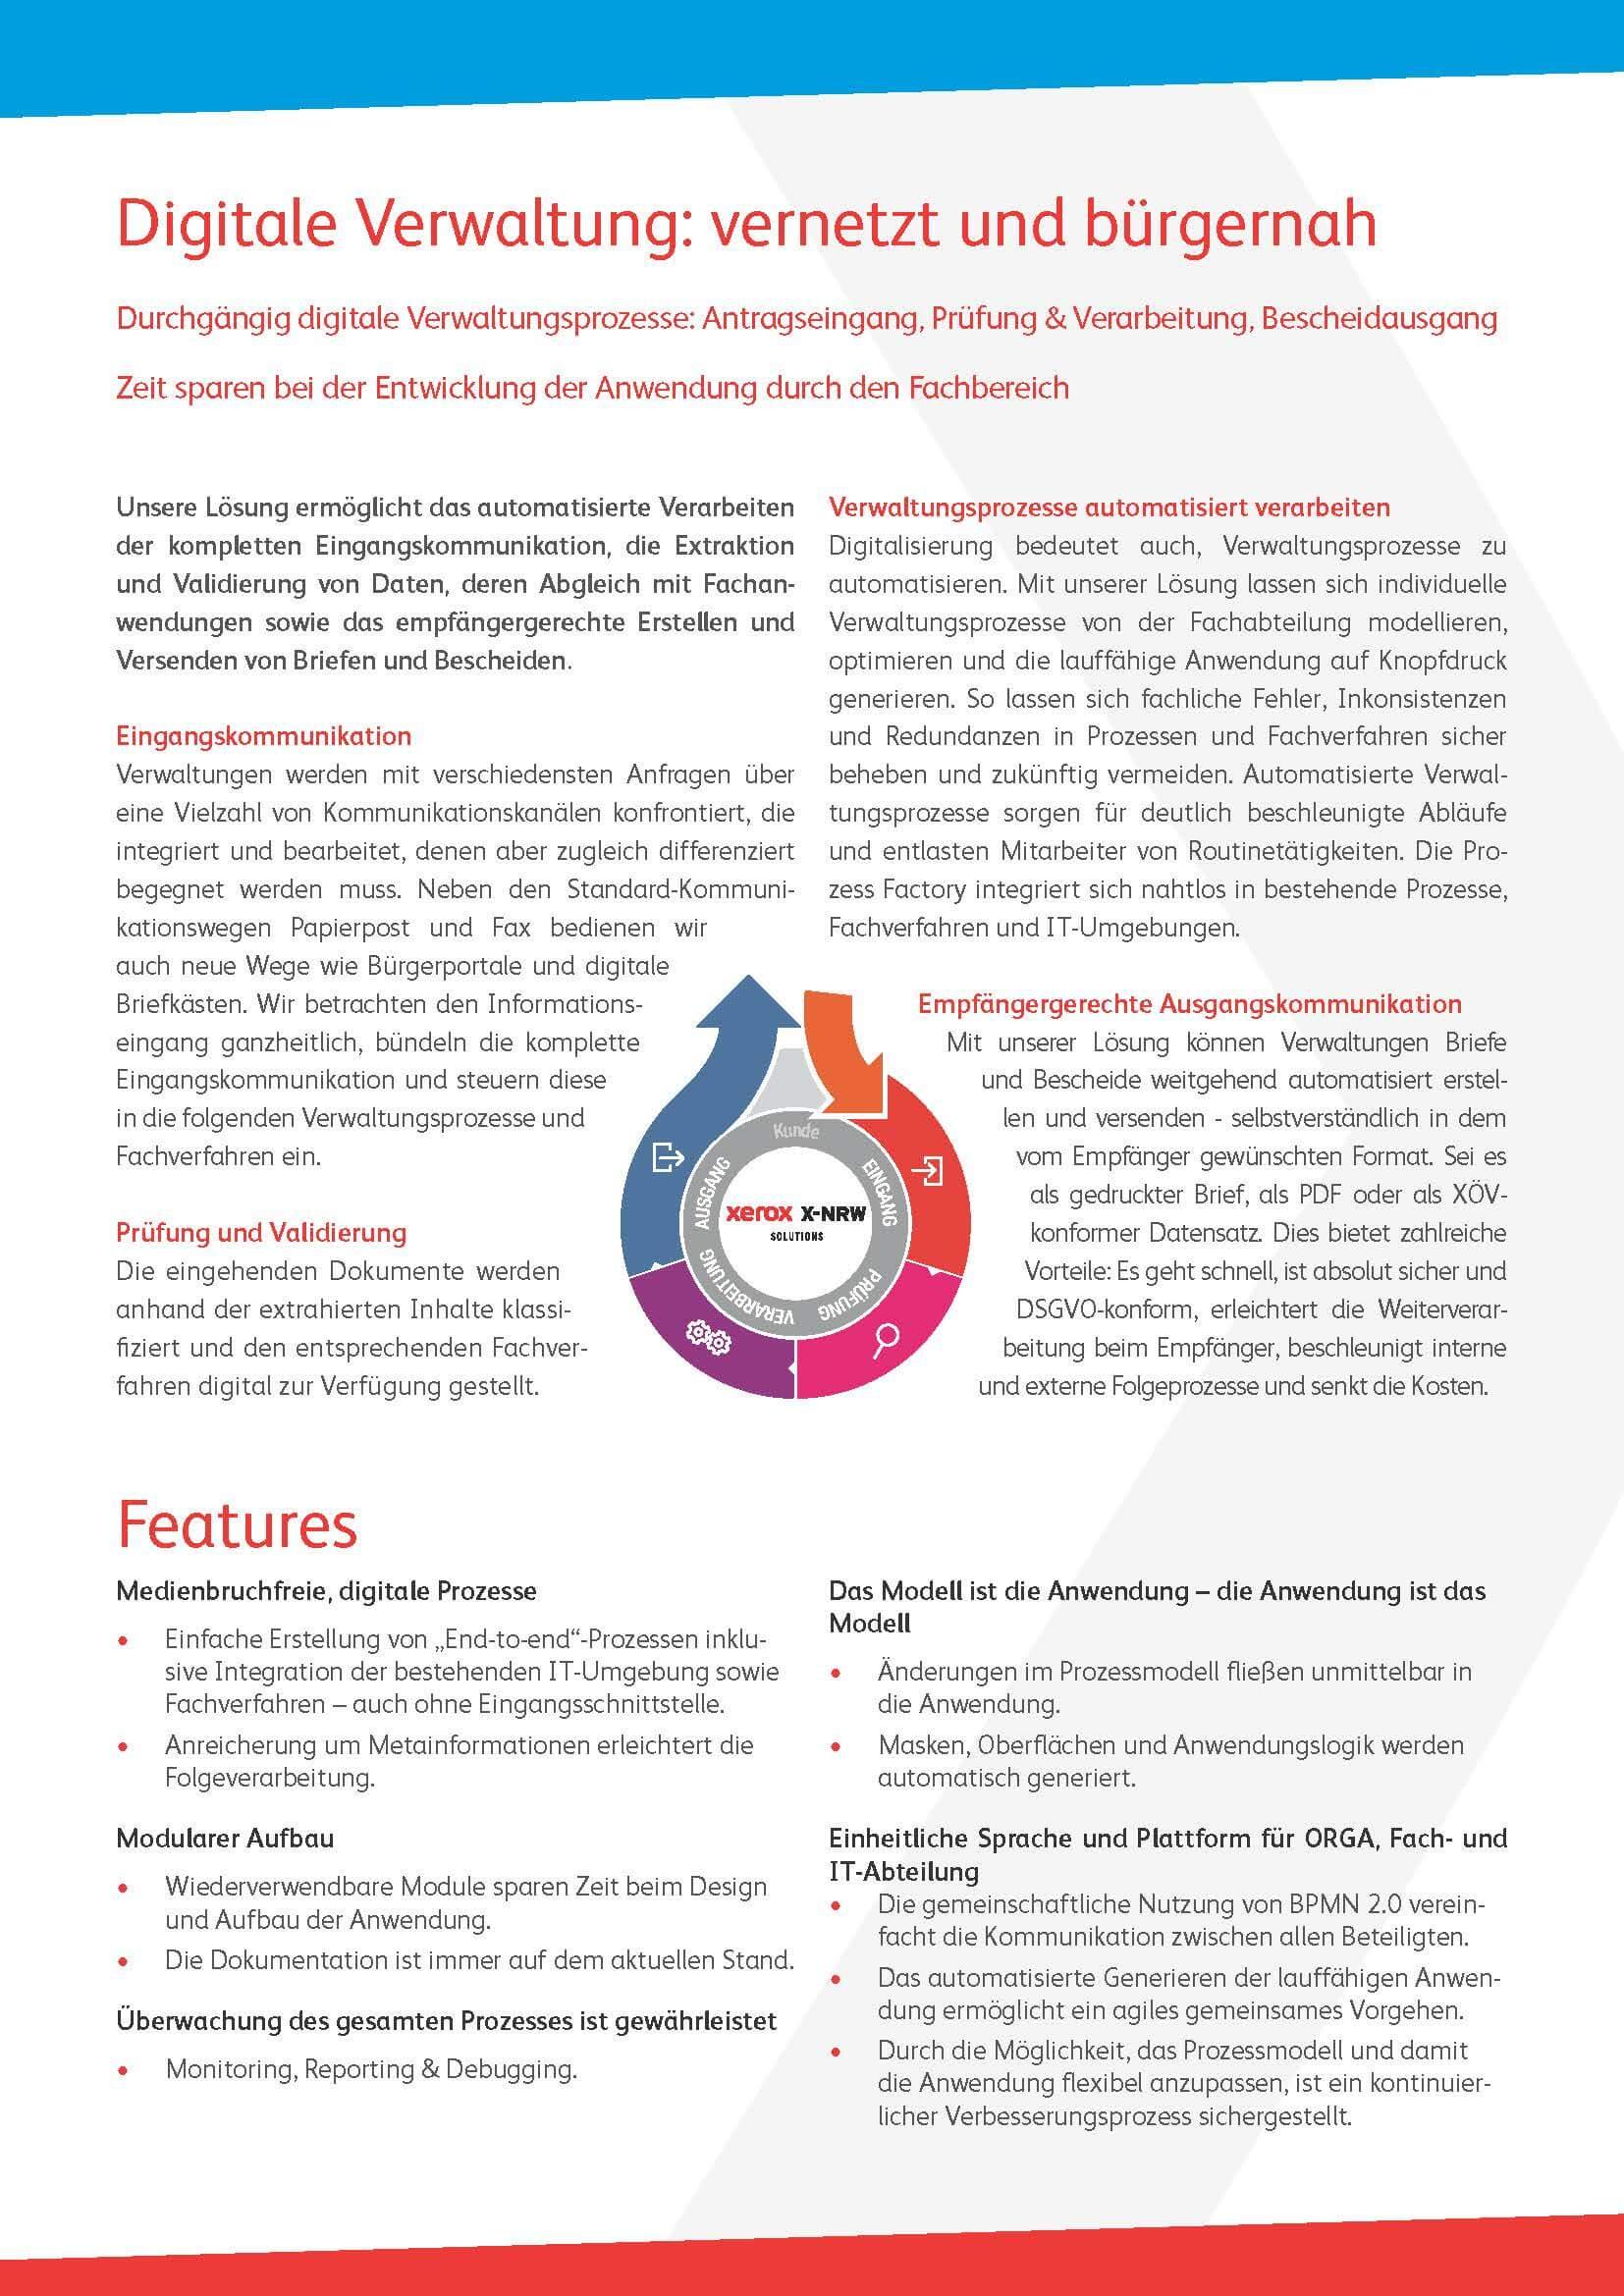 X-NRW GmbH - Kundenreferenz summ-it Unternehmensberatung